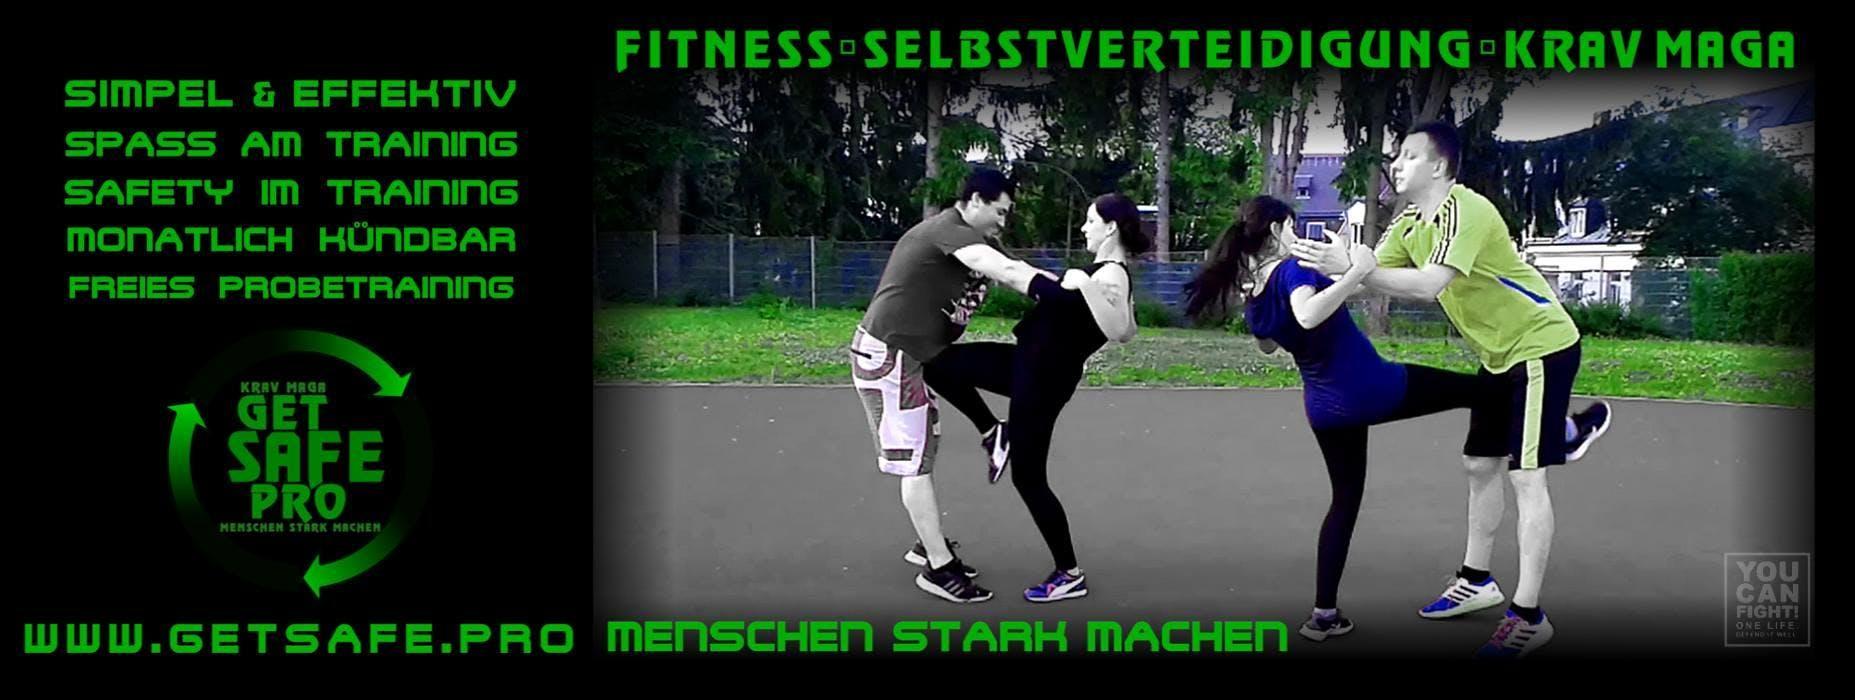 Fitness Selbstverteidigung Krav Maga in Wiesb